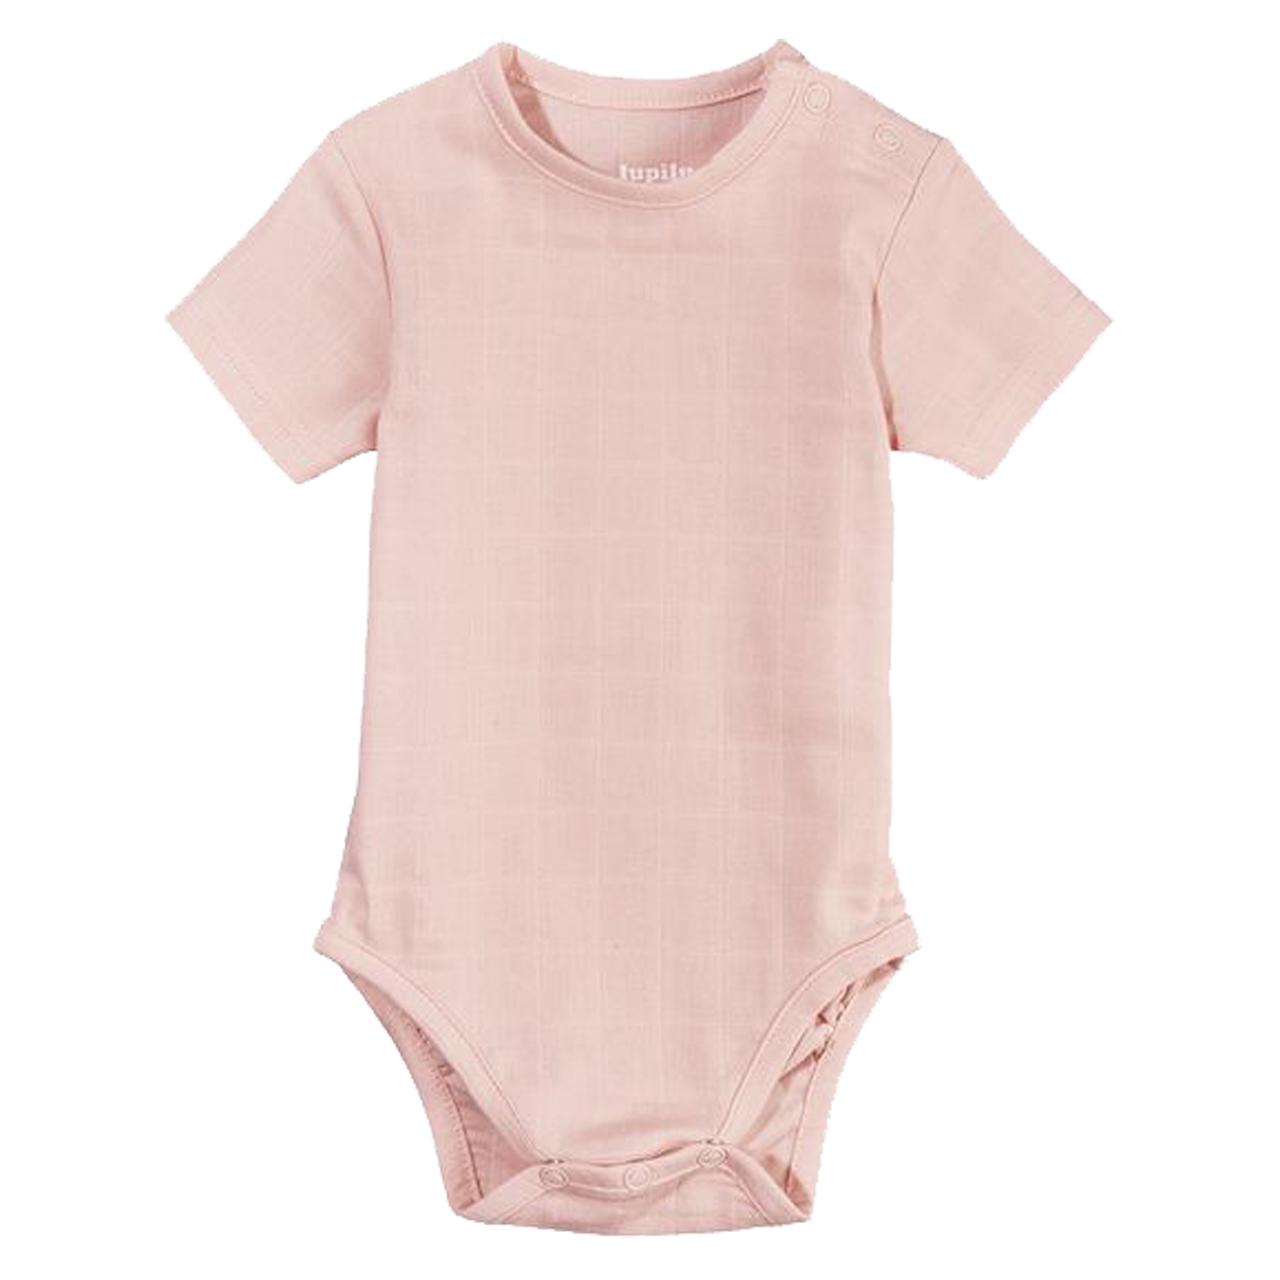 بادی نوزاد لوپیلو کد 1403